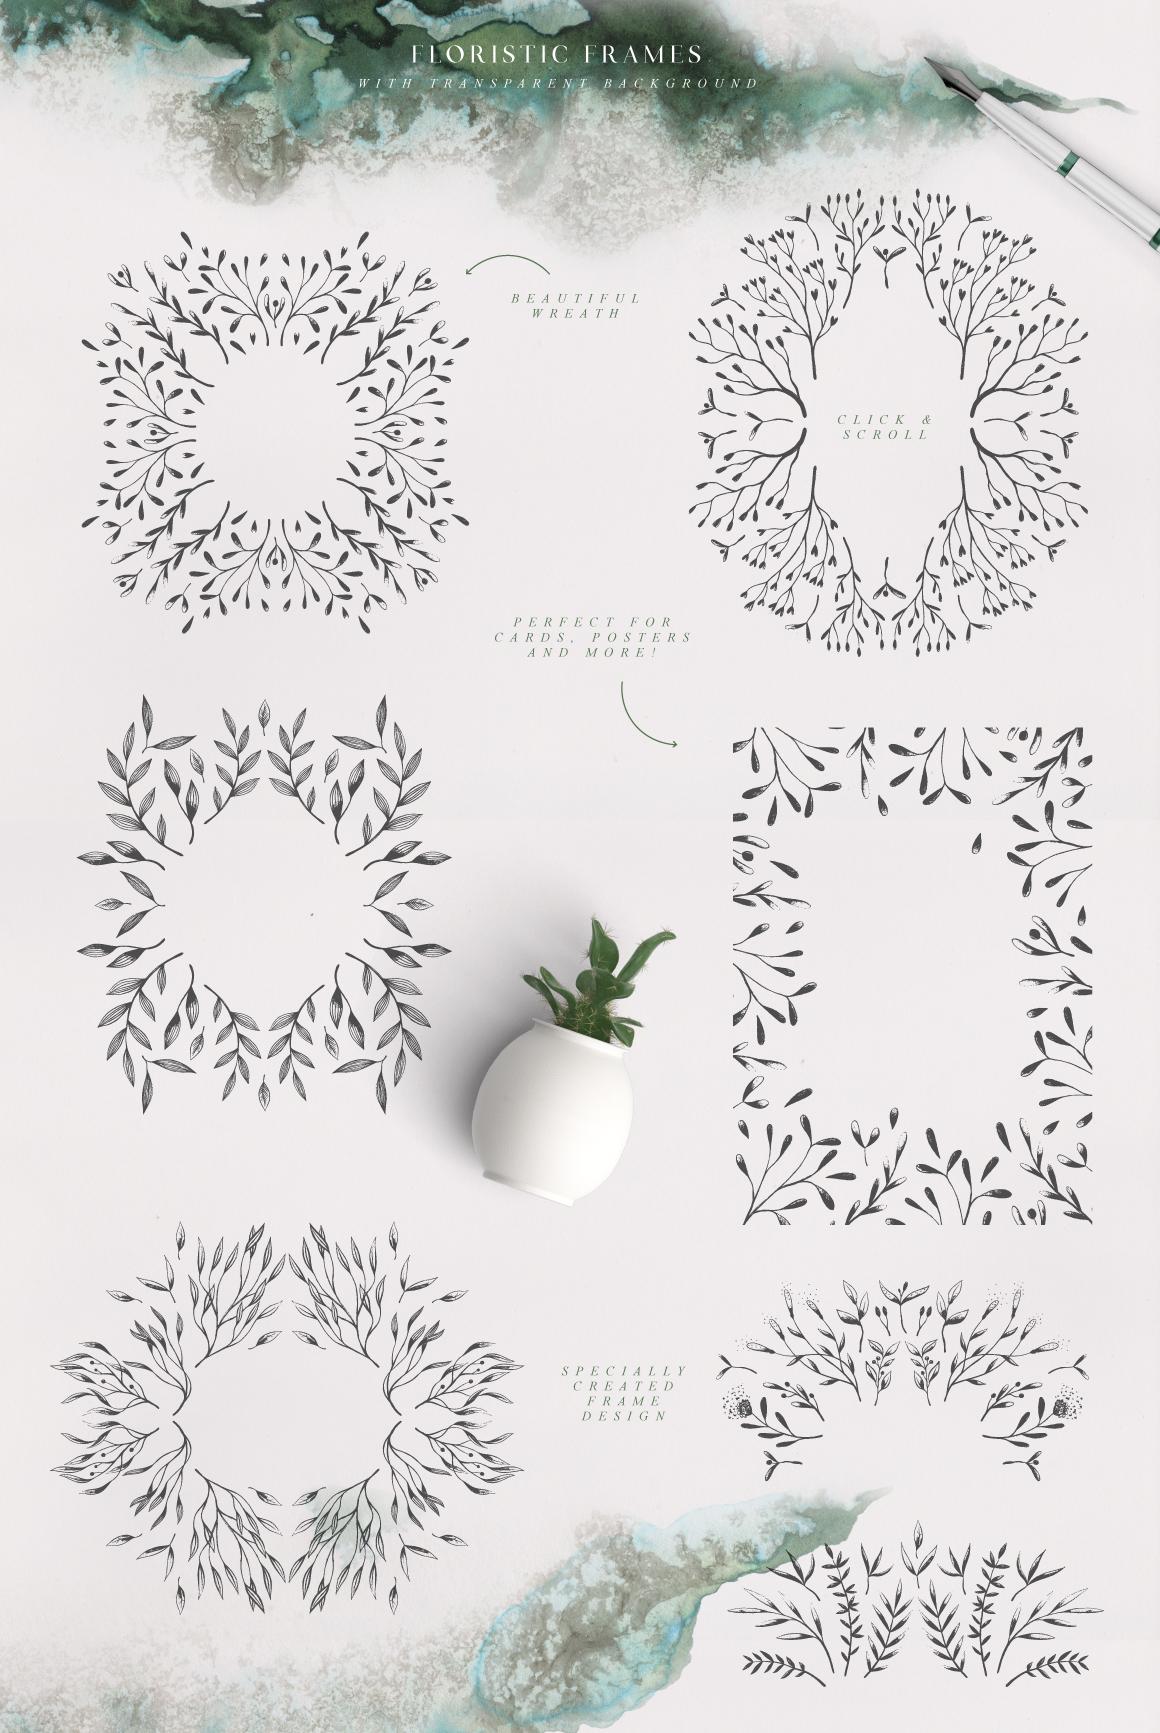 优美手绘水彩花卉树叶&水墨水彩背景素材 Magic Ombre插图(2)